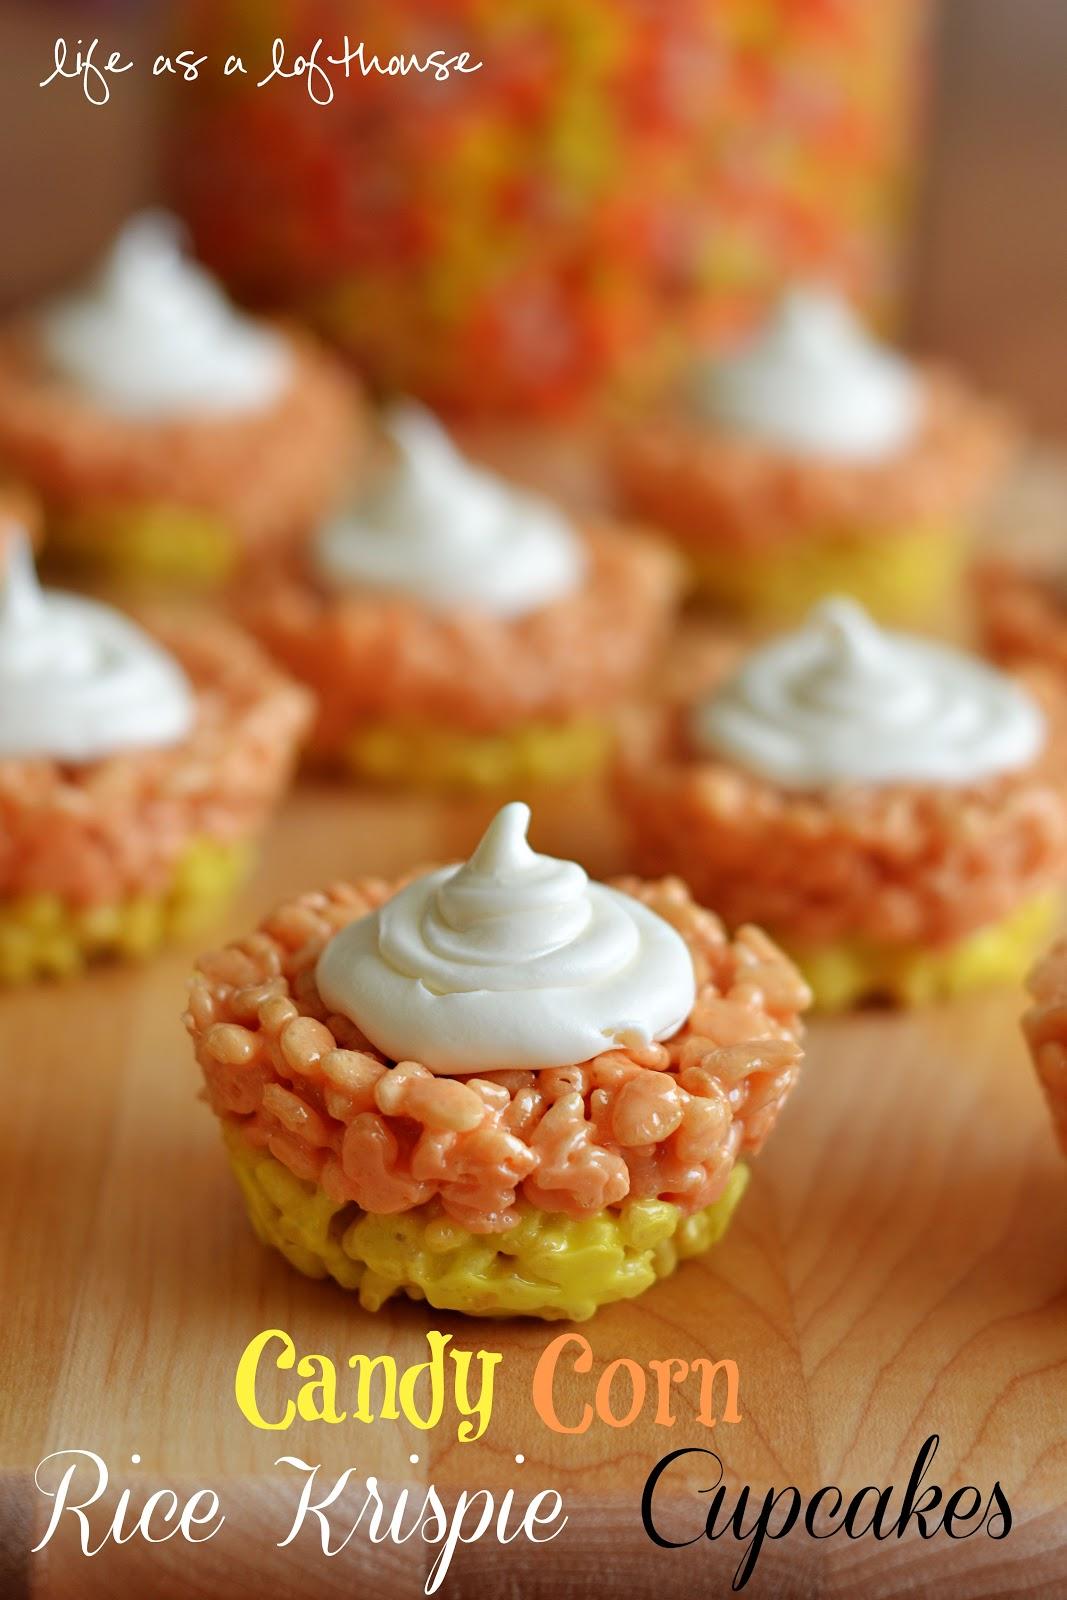 candy-corn-rk-cupcakesmain